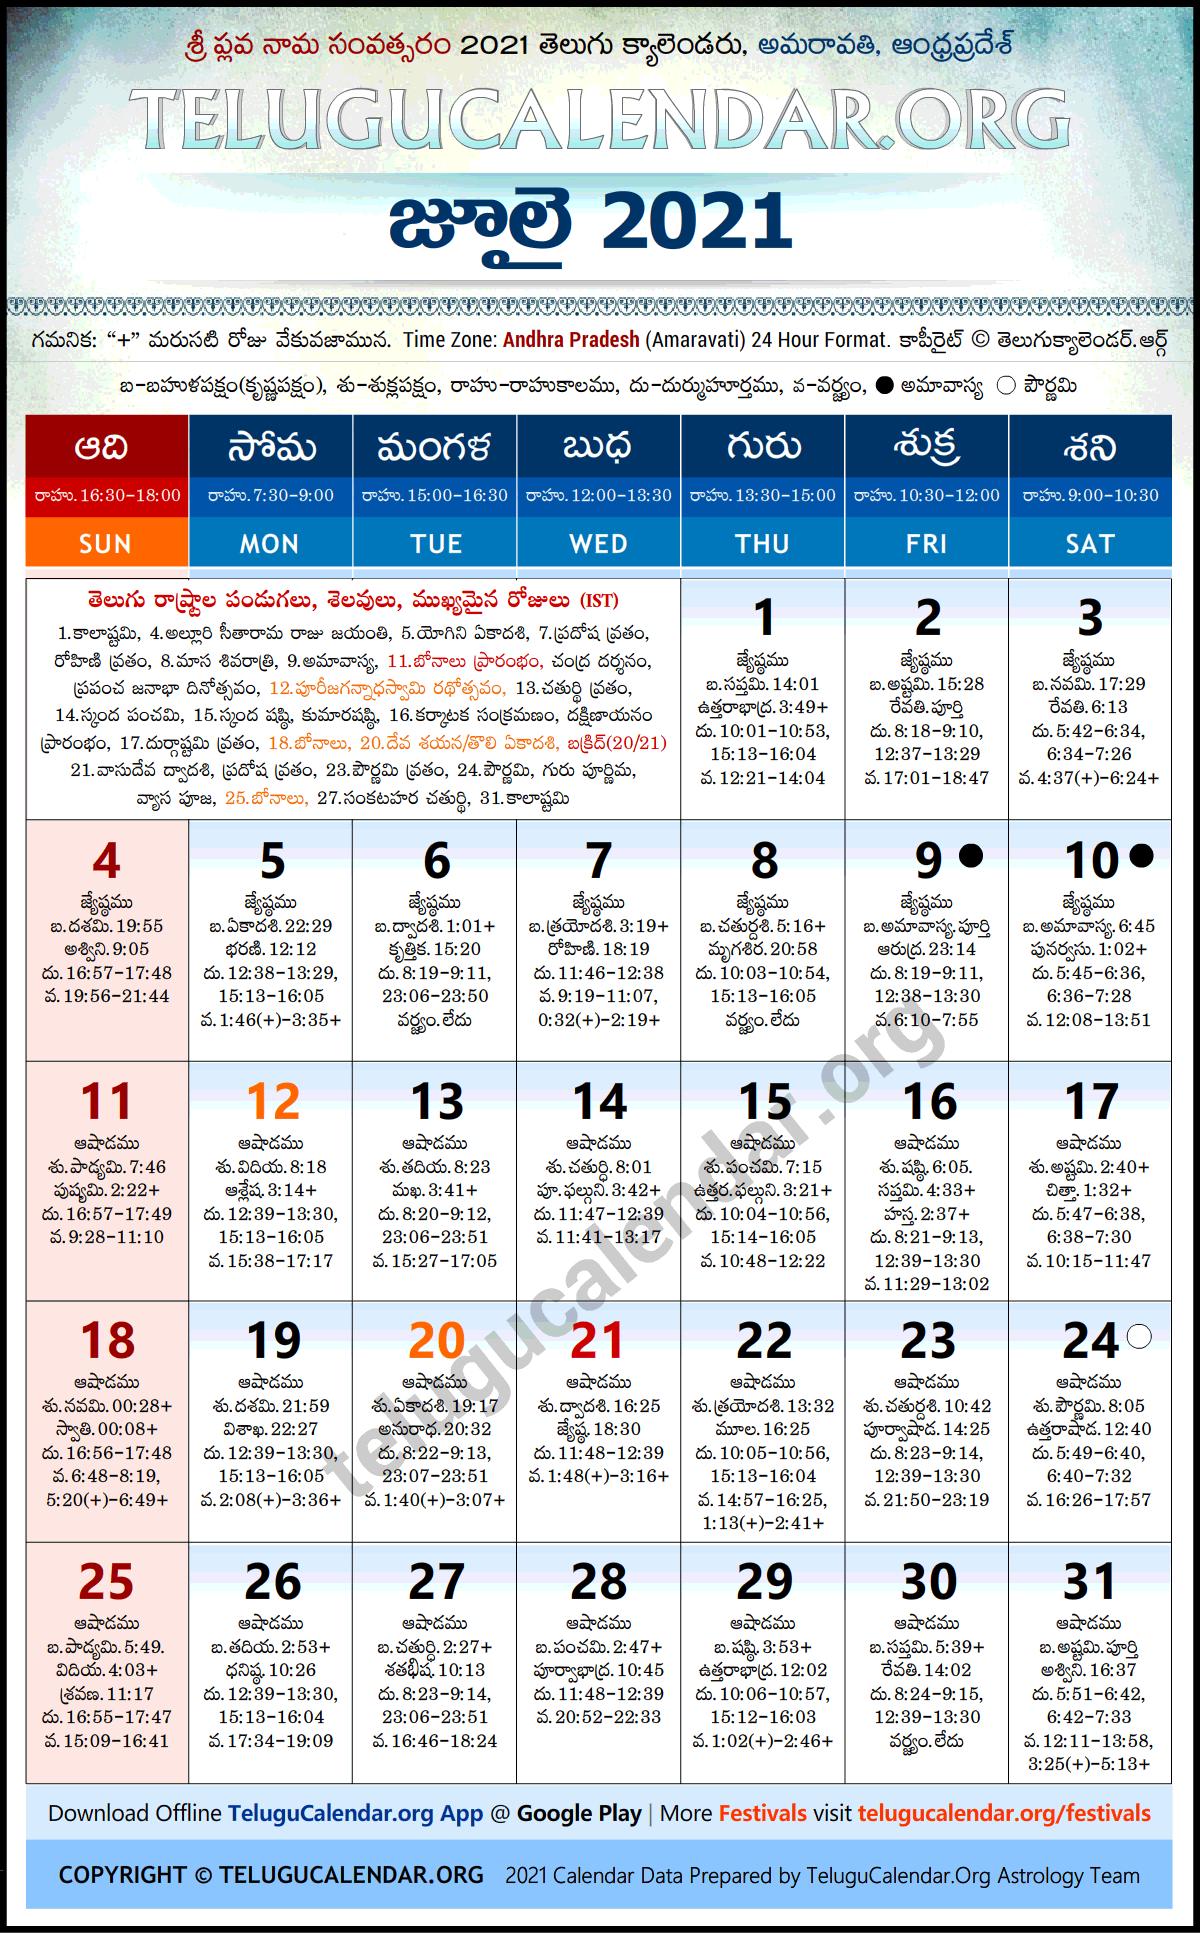 July 2021 Calendar Telugu Andhra Pradesh 2021 July Telugu Calendar Festivals & Holidays